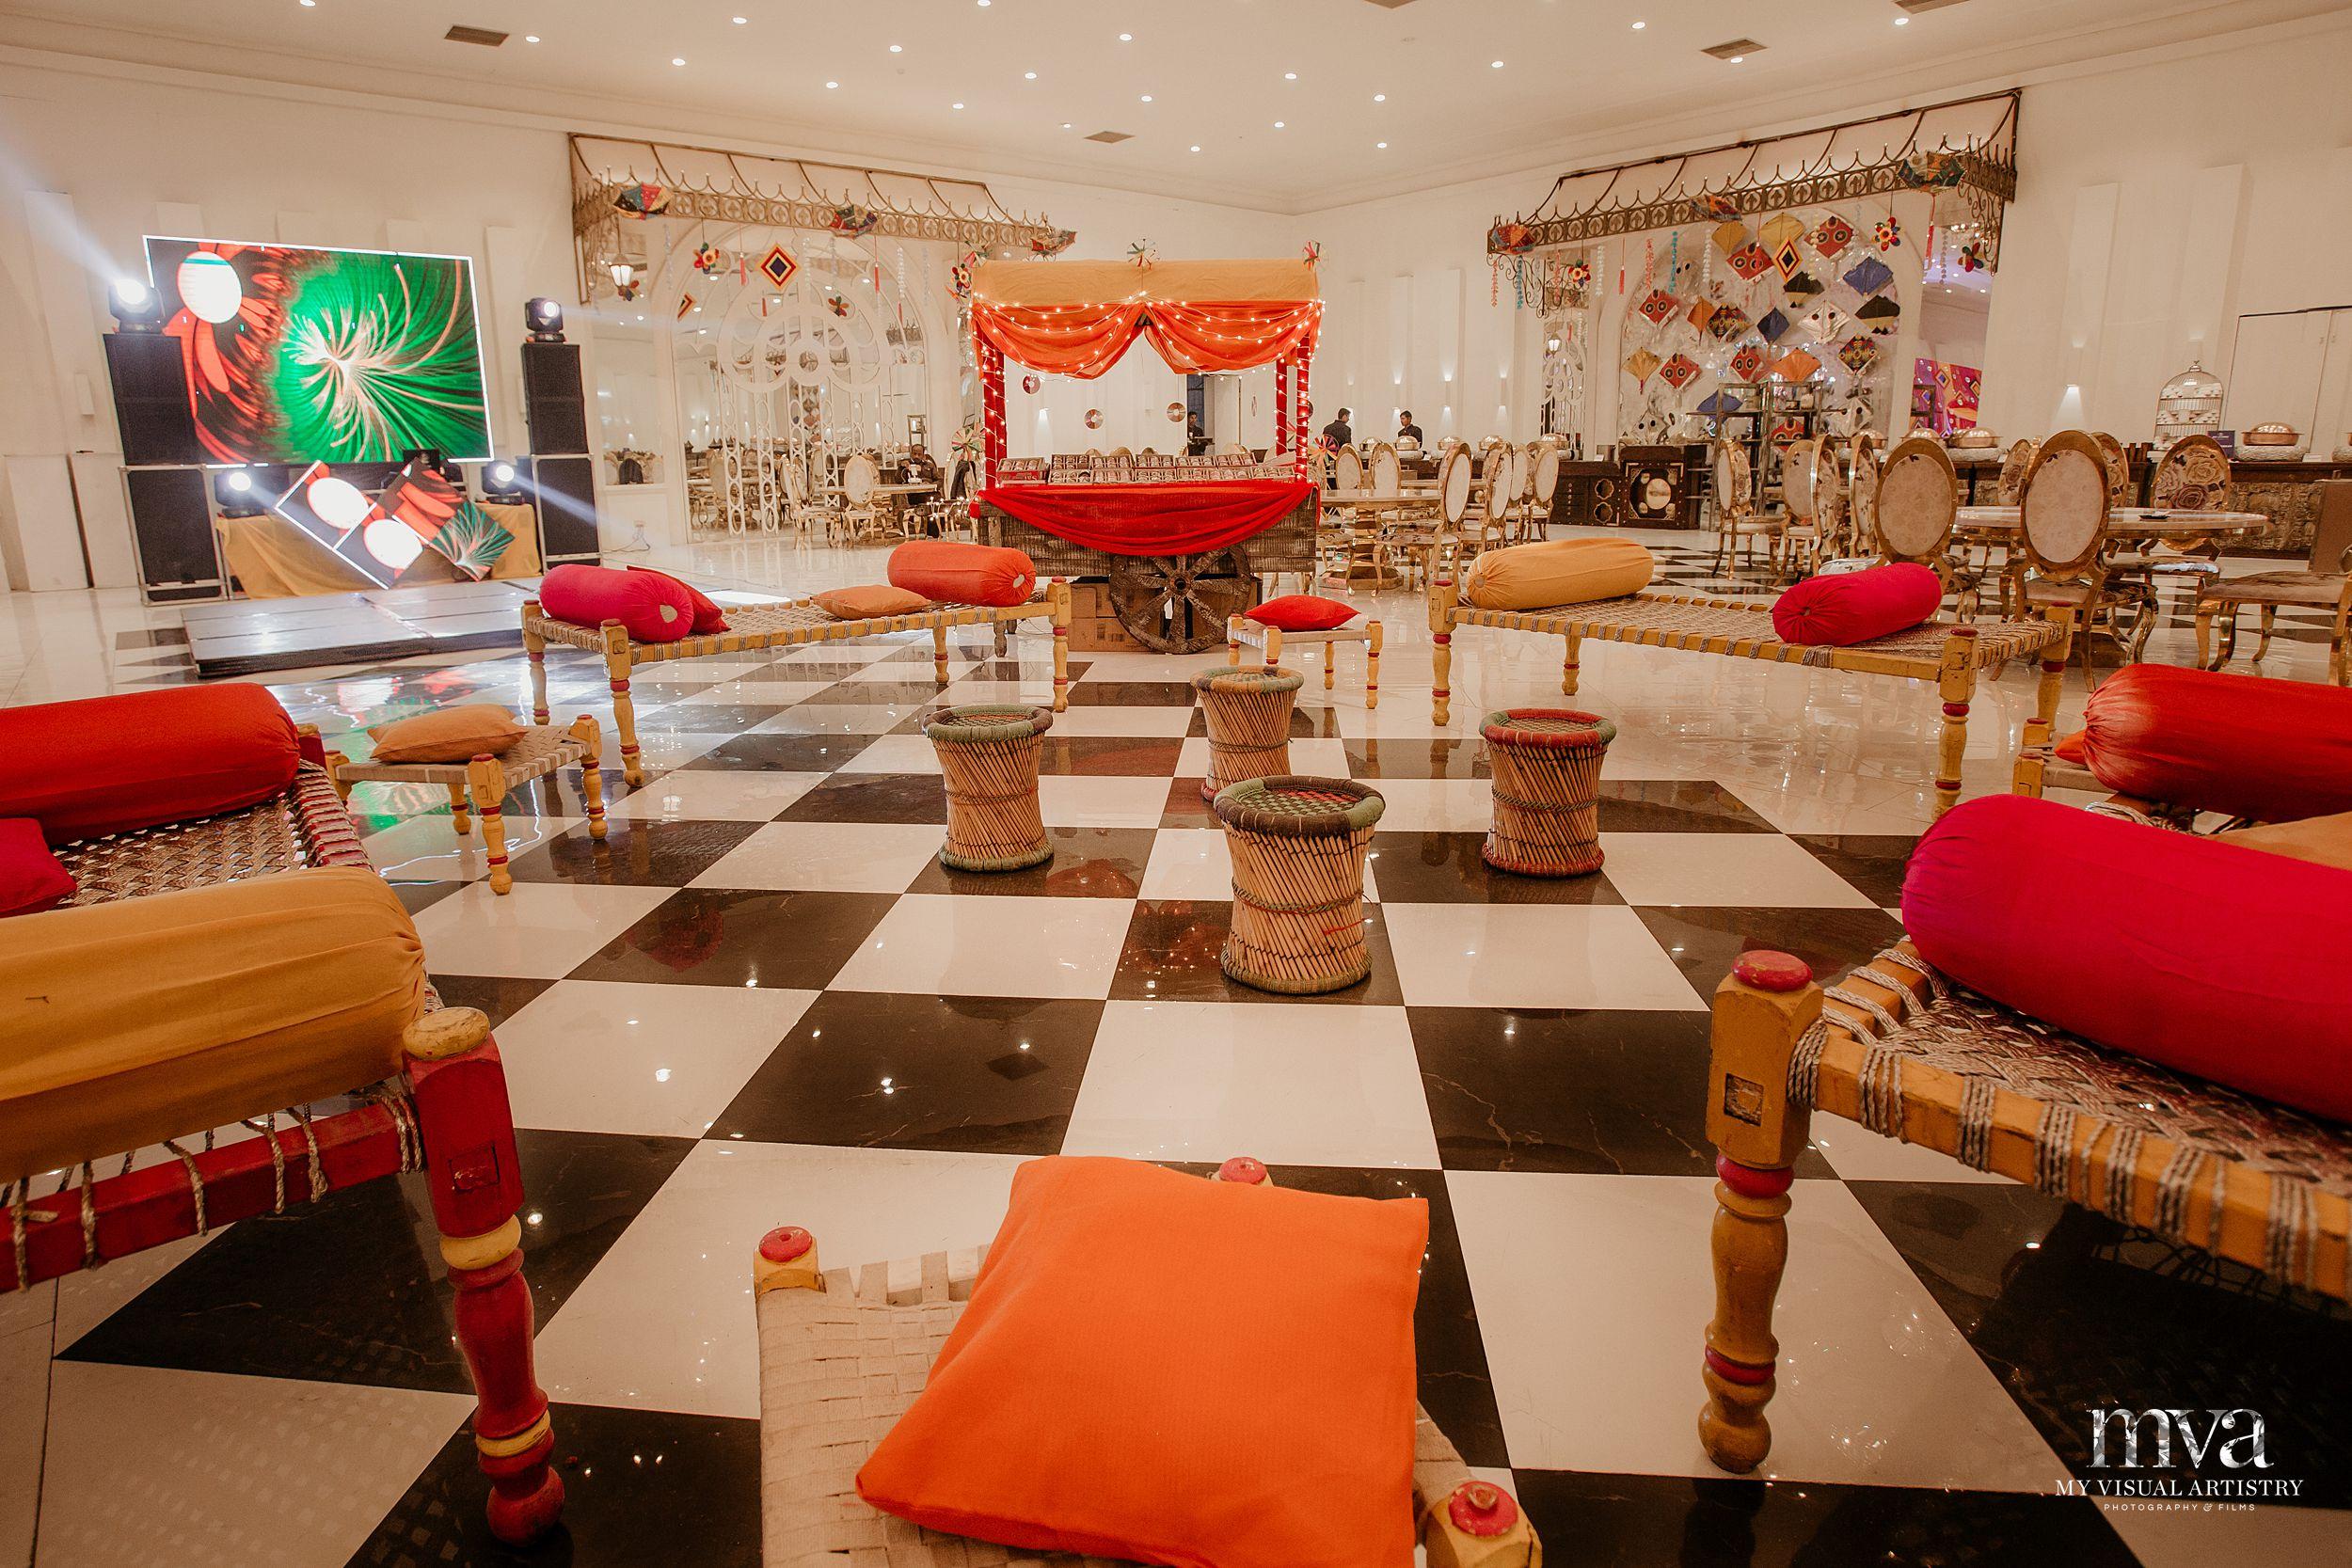 anant_arundhati_myvisualartistry_mva_wedding_sikh_ - 076.jpg